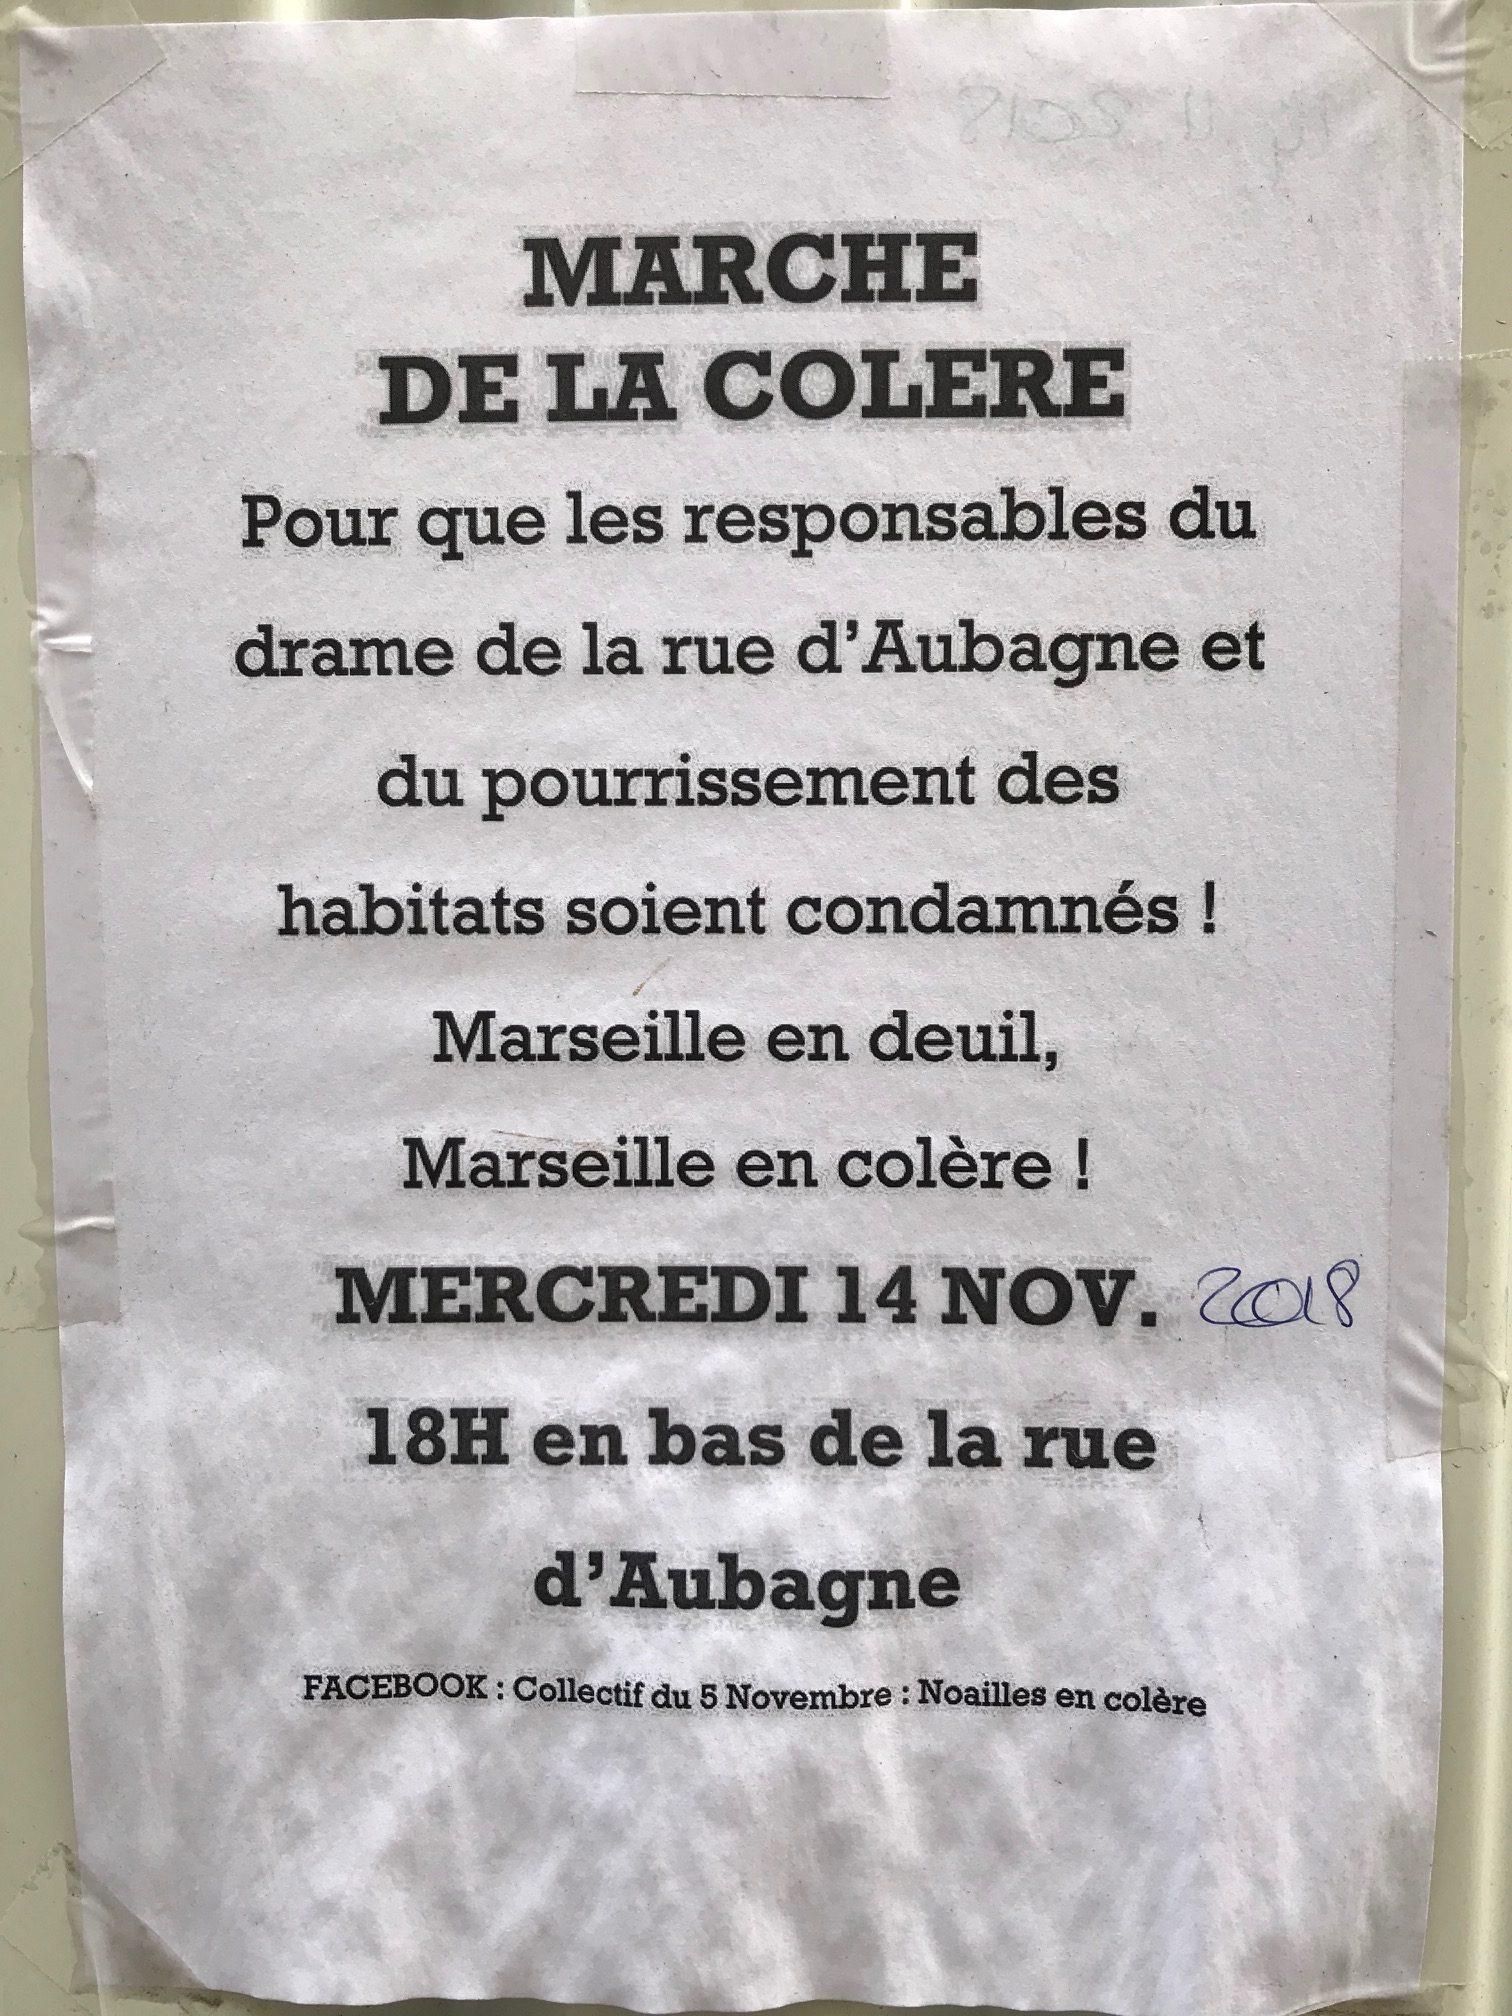 Marche de la Colère 14 nov 18